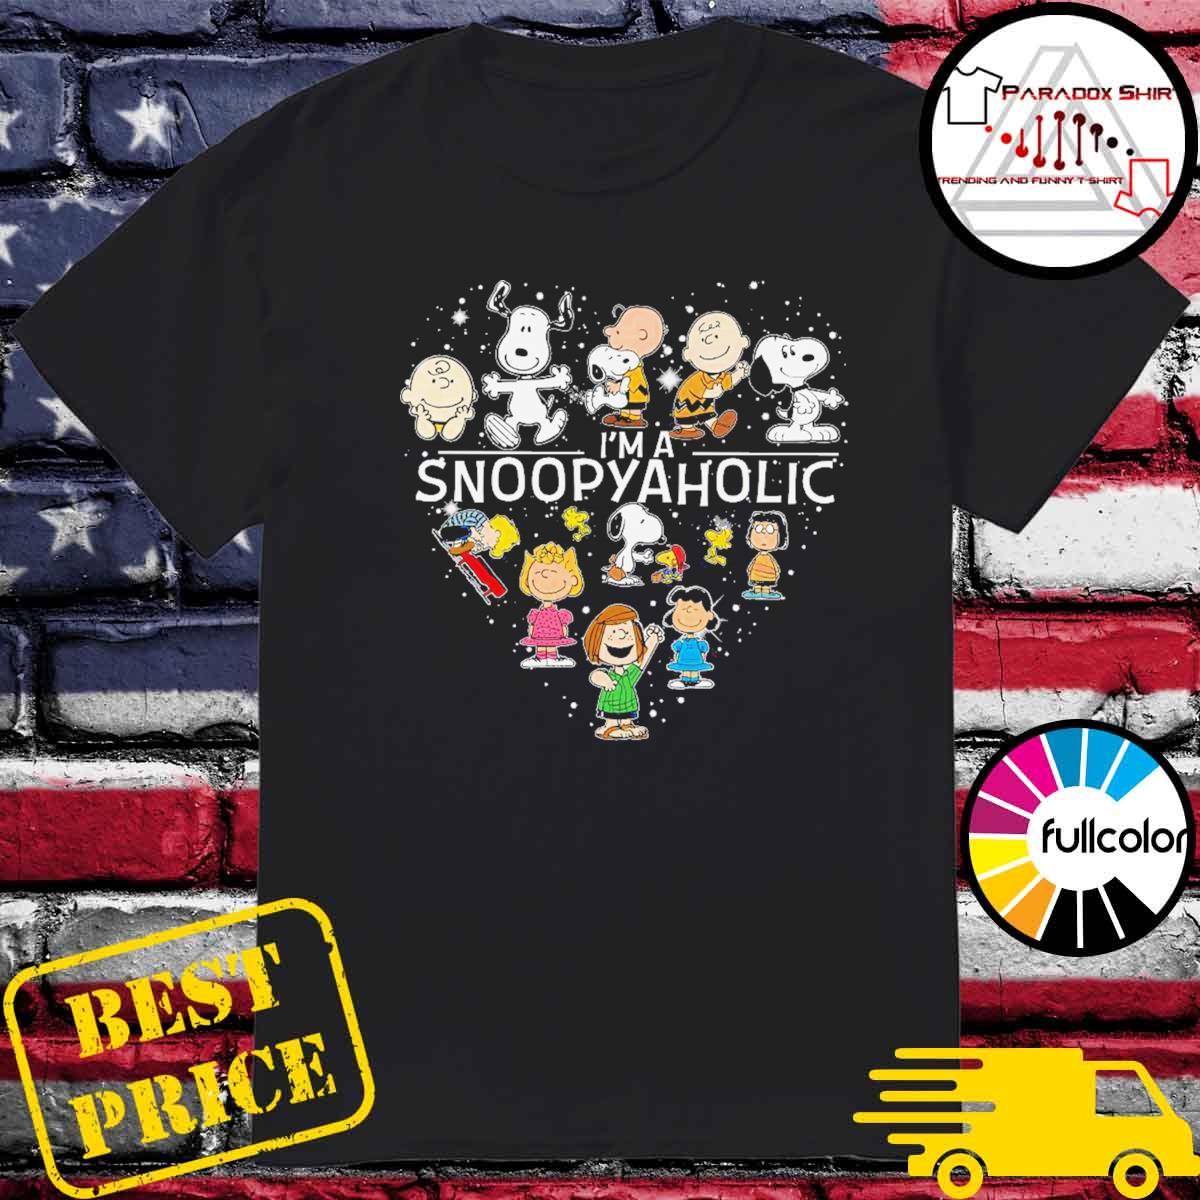 I'm a Snoopyaholic shirt